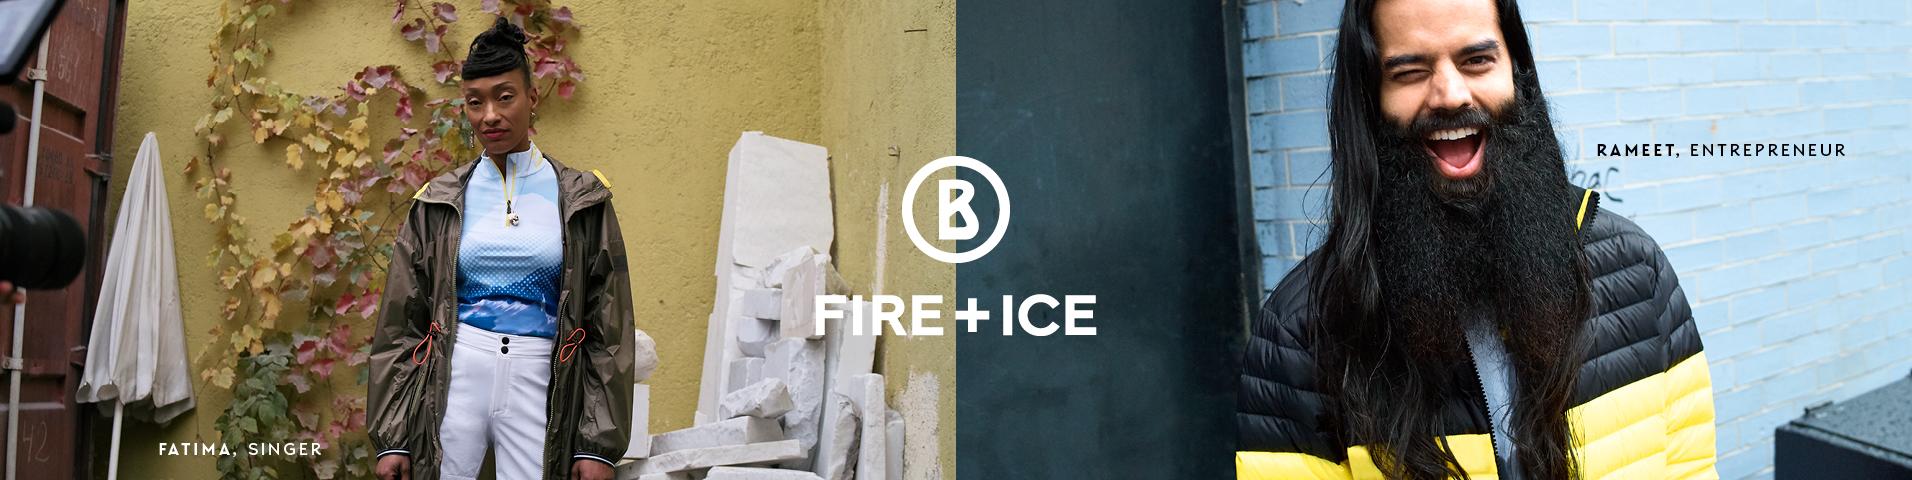 Farbe Red Gr/ö/ße 48 Ice Mens Nelson Rot Herren Shorts Bogner Fire